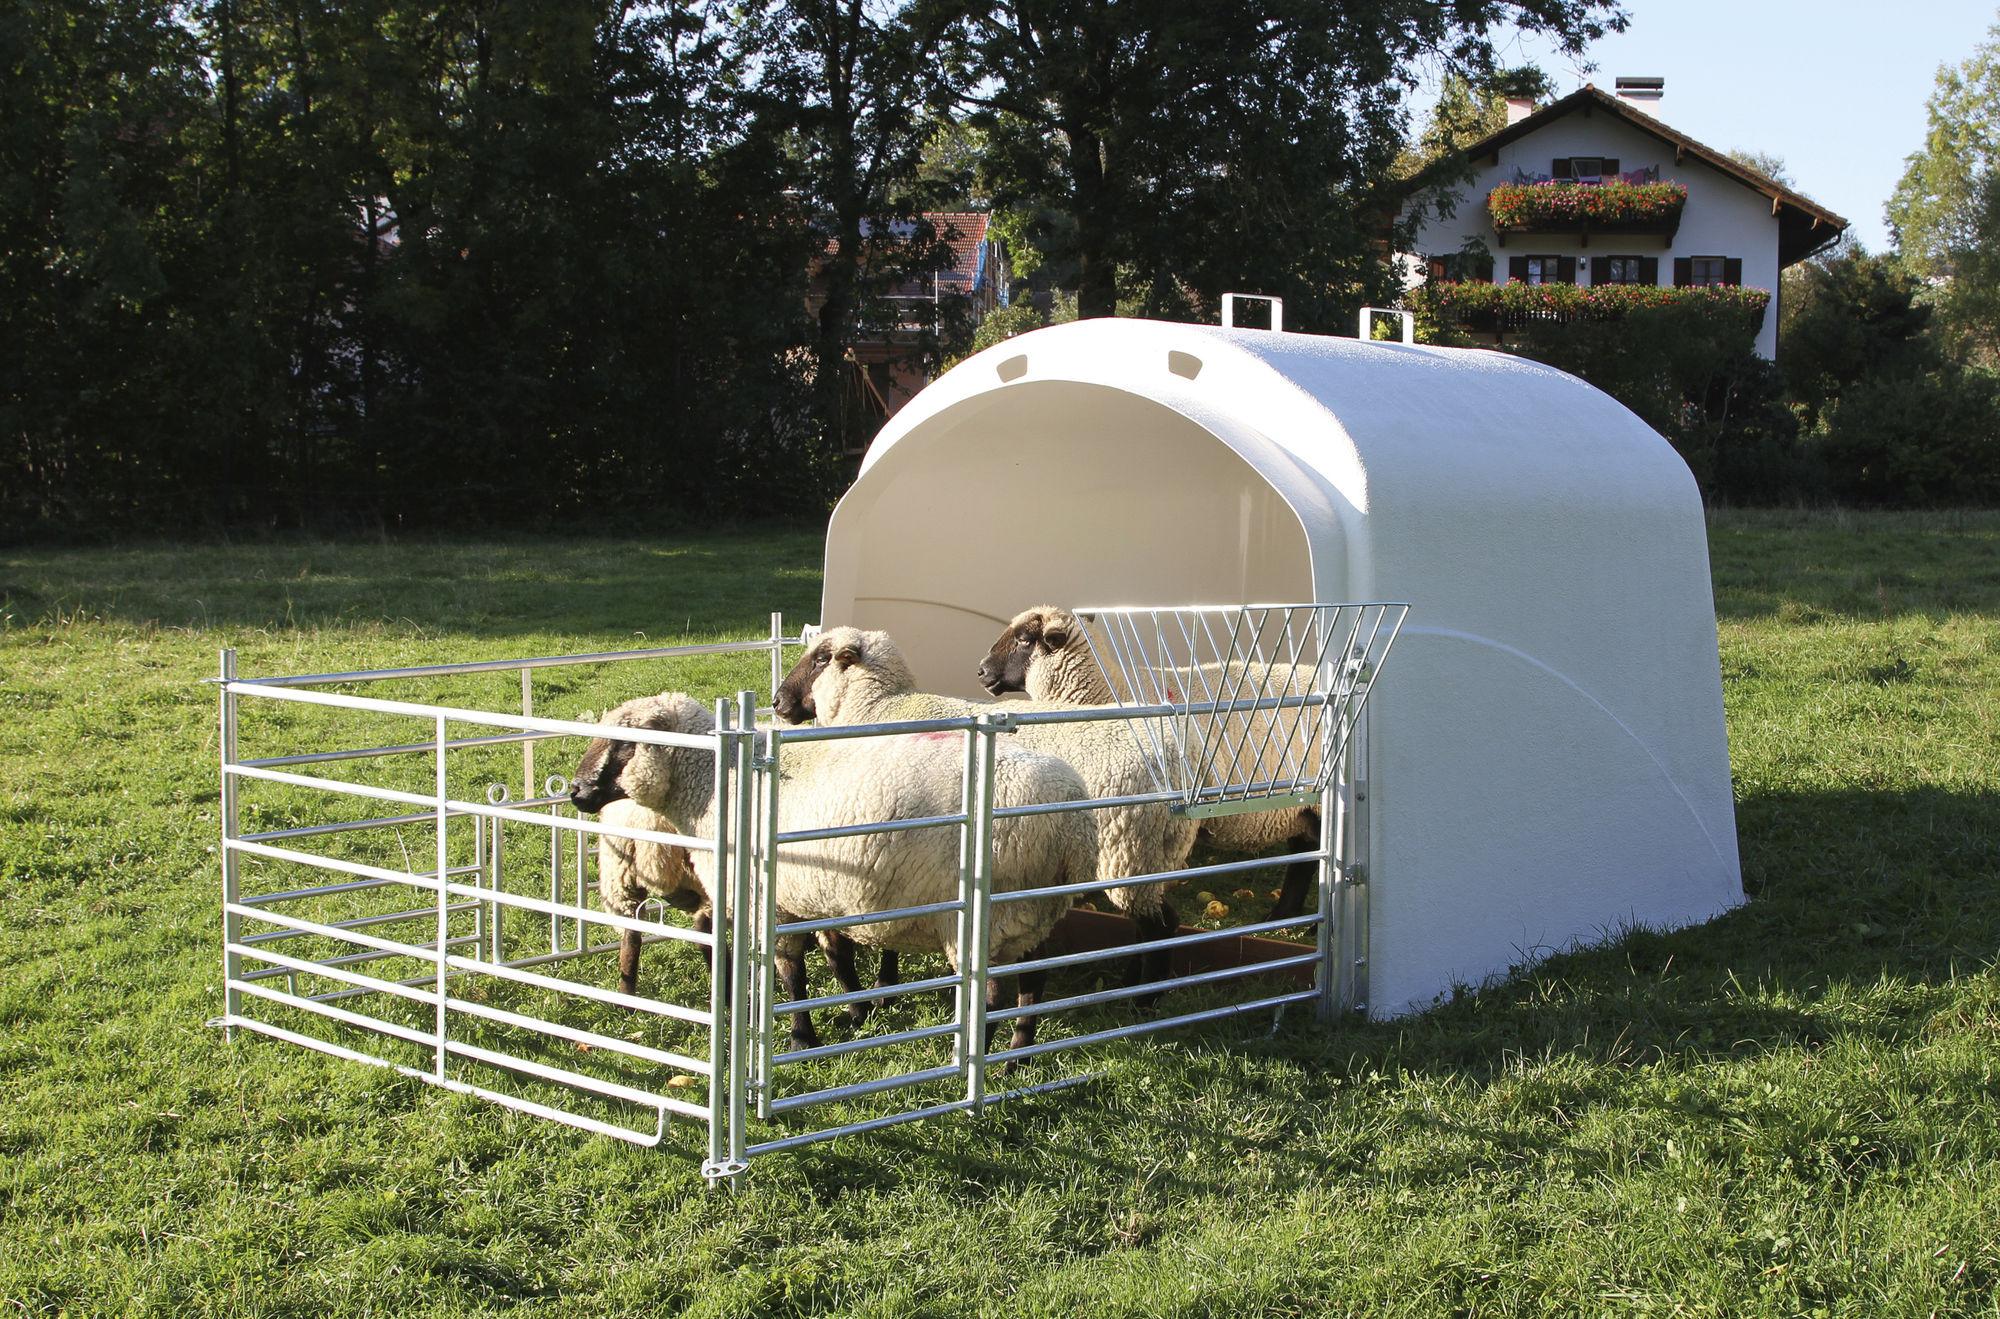 Großraumhütte mit Anschlussset für Steckhorden, Mod. 2020